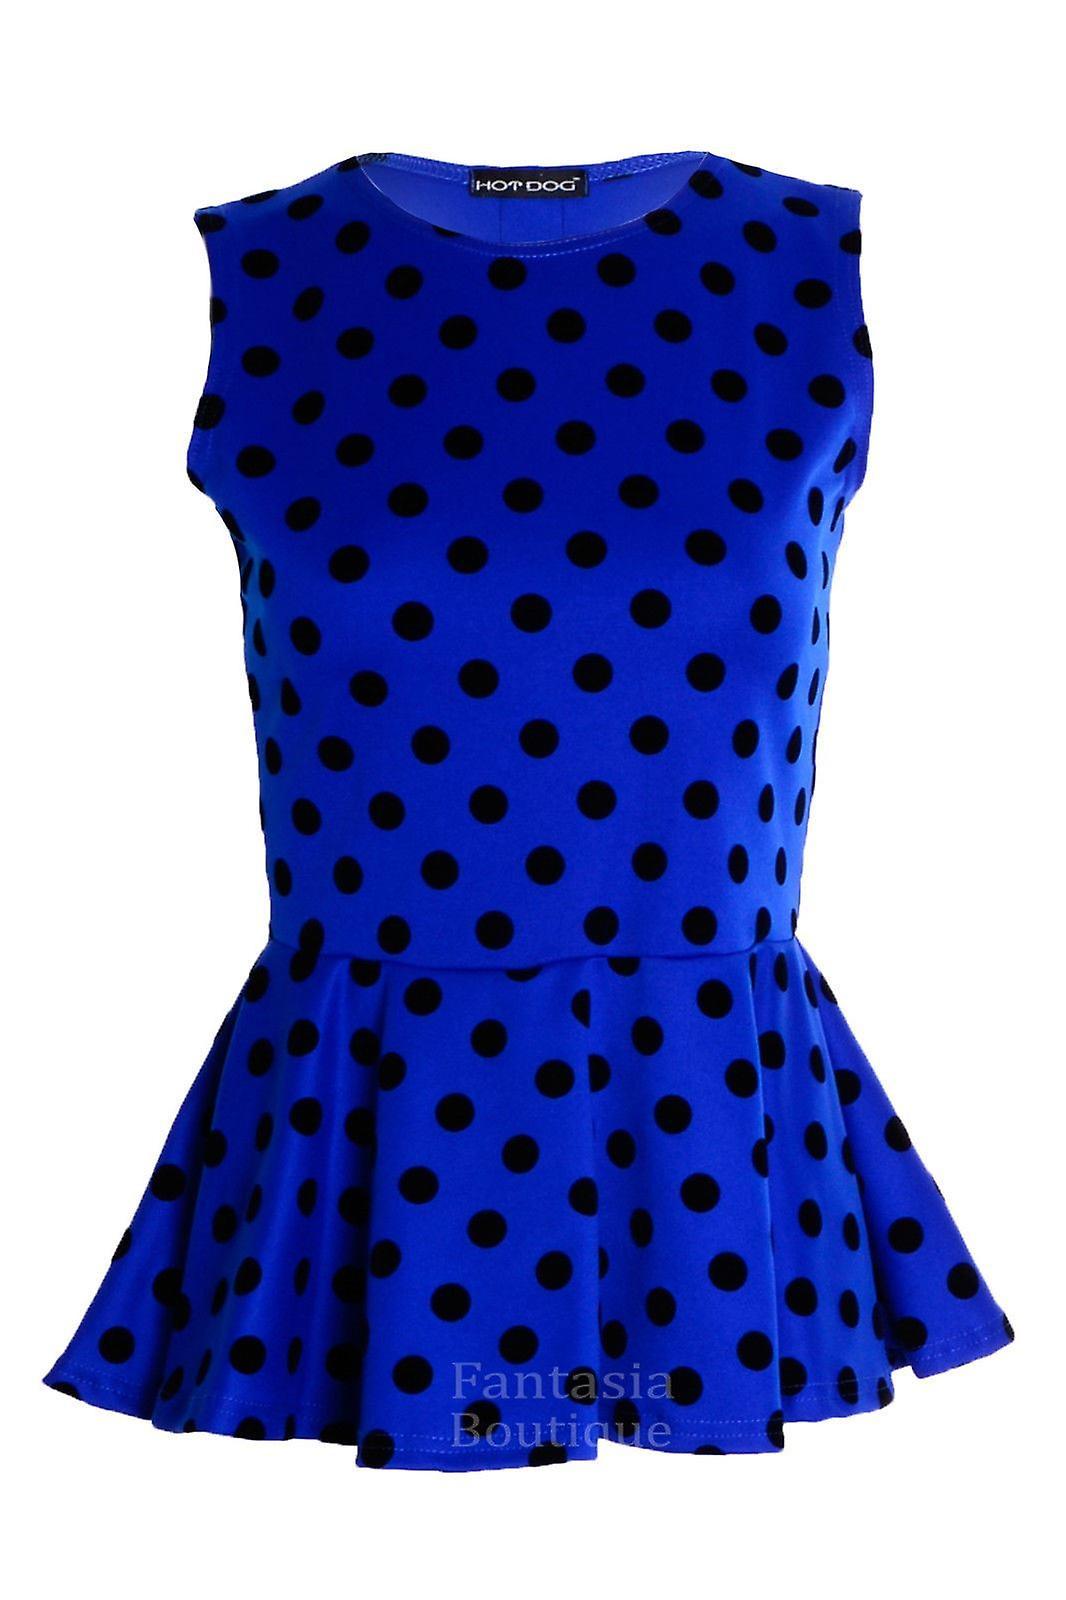 Womens Polka Dot Spot Print Frill Peplum Ladies Sleeveless Skater Vest Top